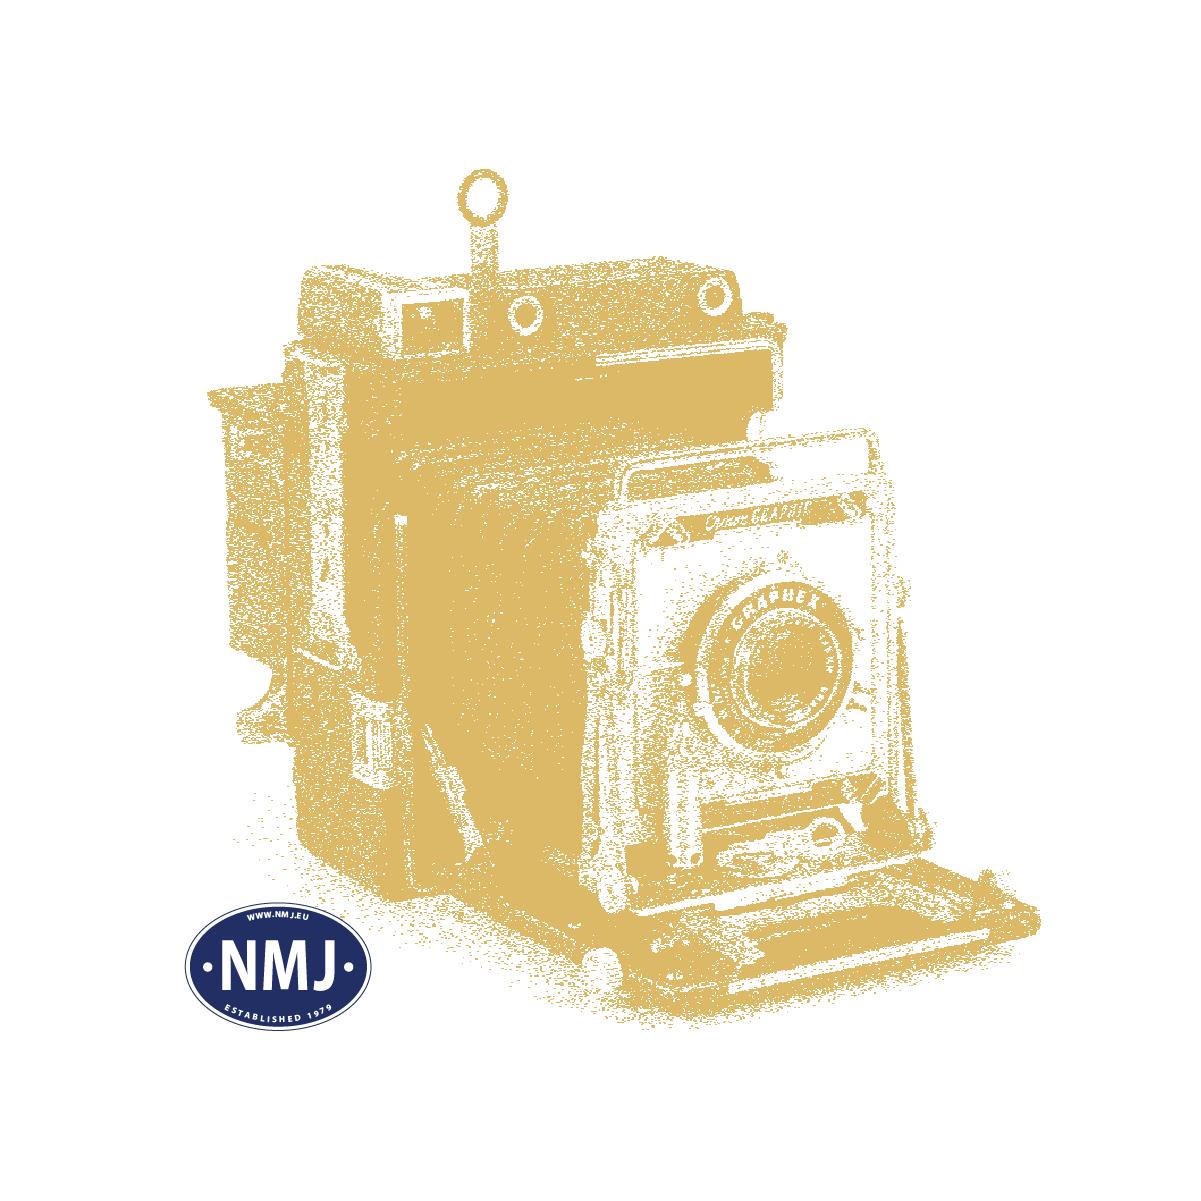 NMJT202.701 - NMJ Topline SJ S11 507489-73715-9 Kino und Bistrowagen, Schwarz